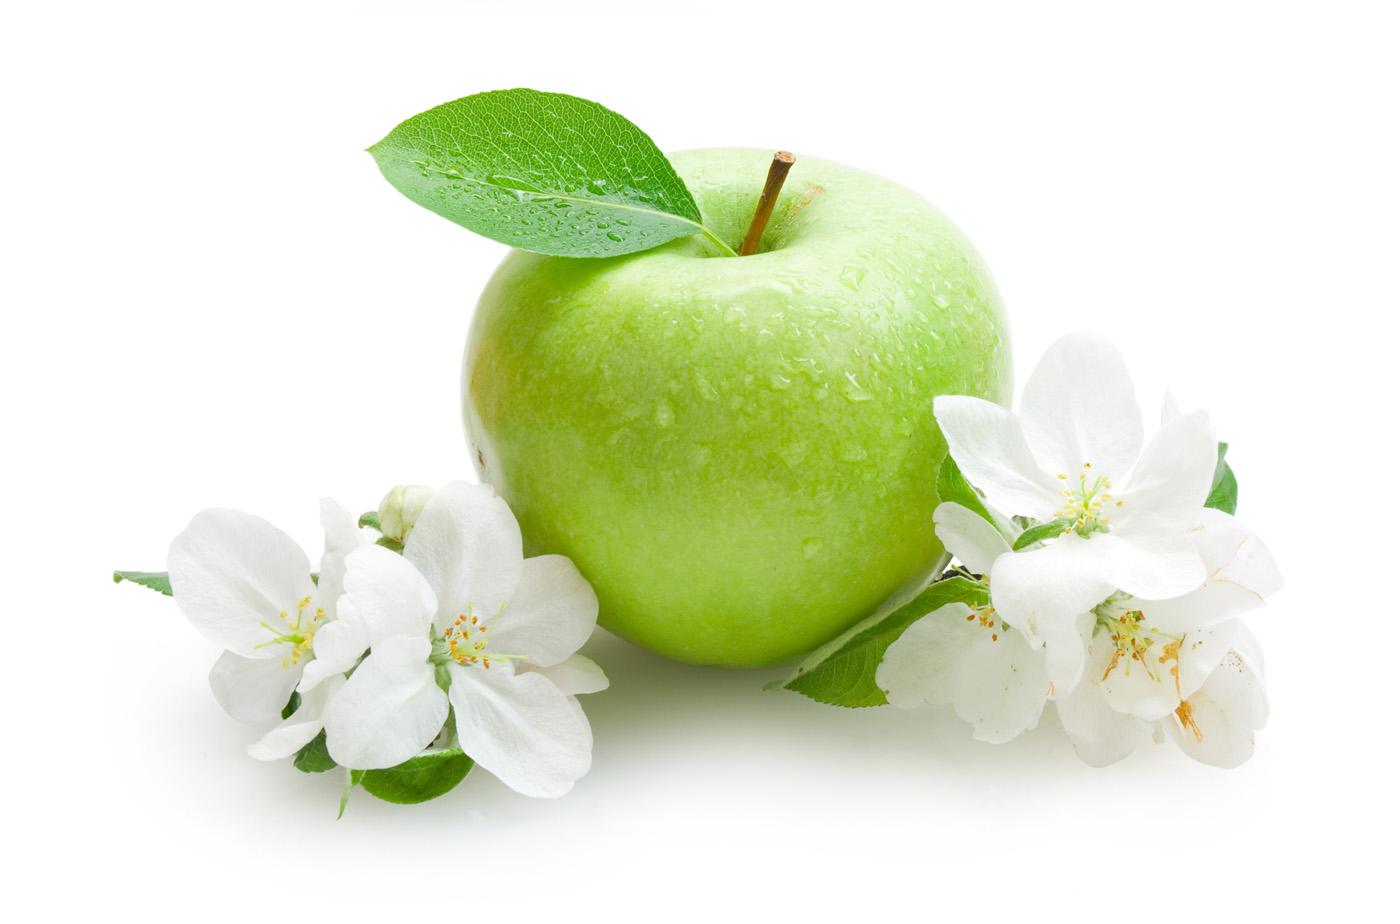 Green Apple - Green Apple Fruit Wallpaper Hd - HD Wallpaper